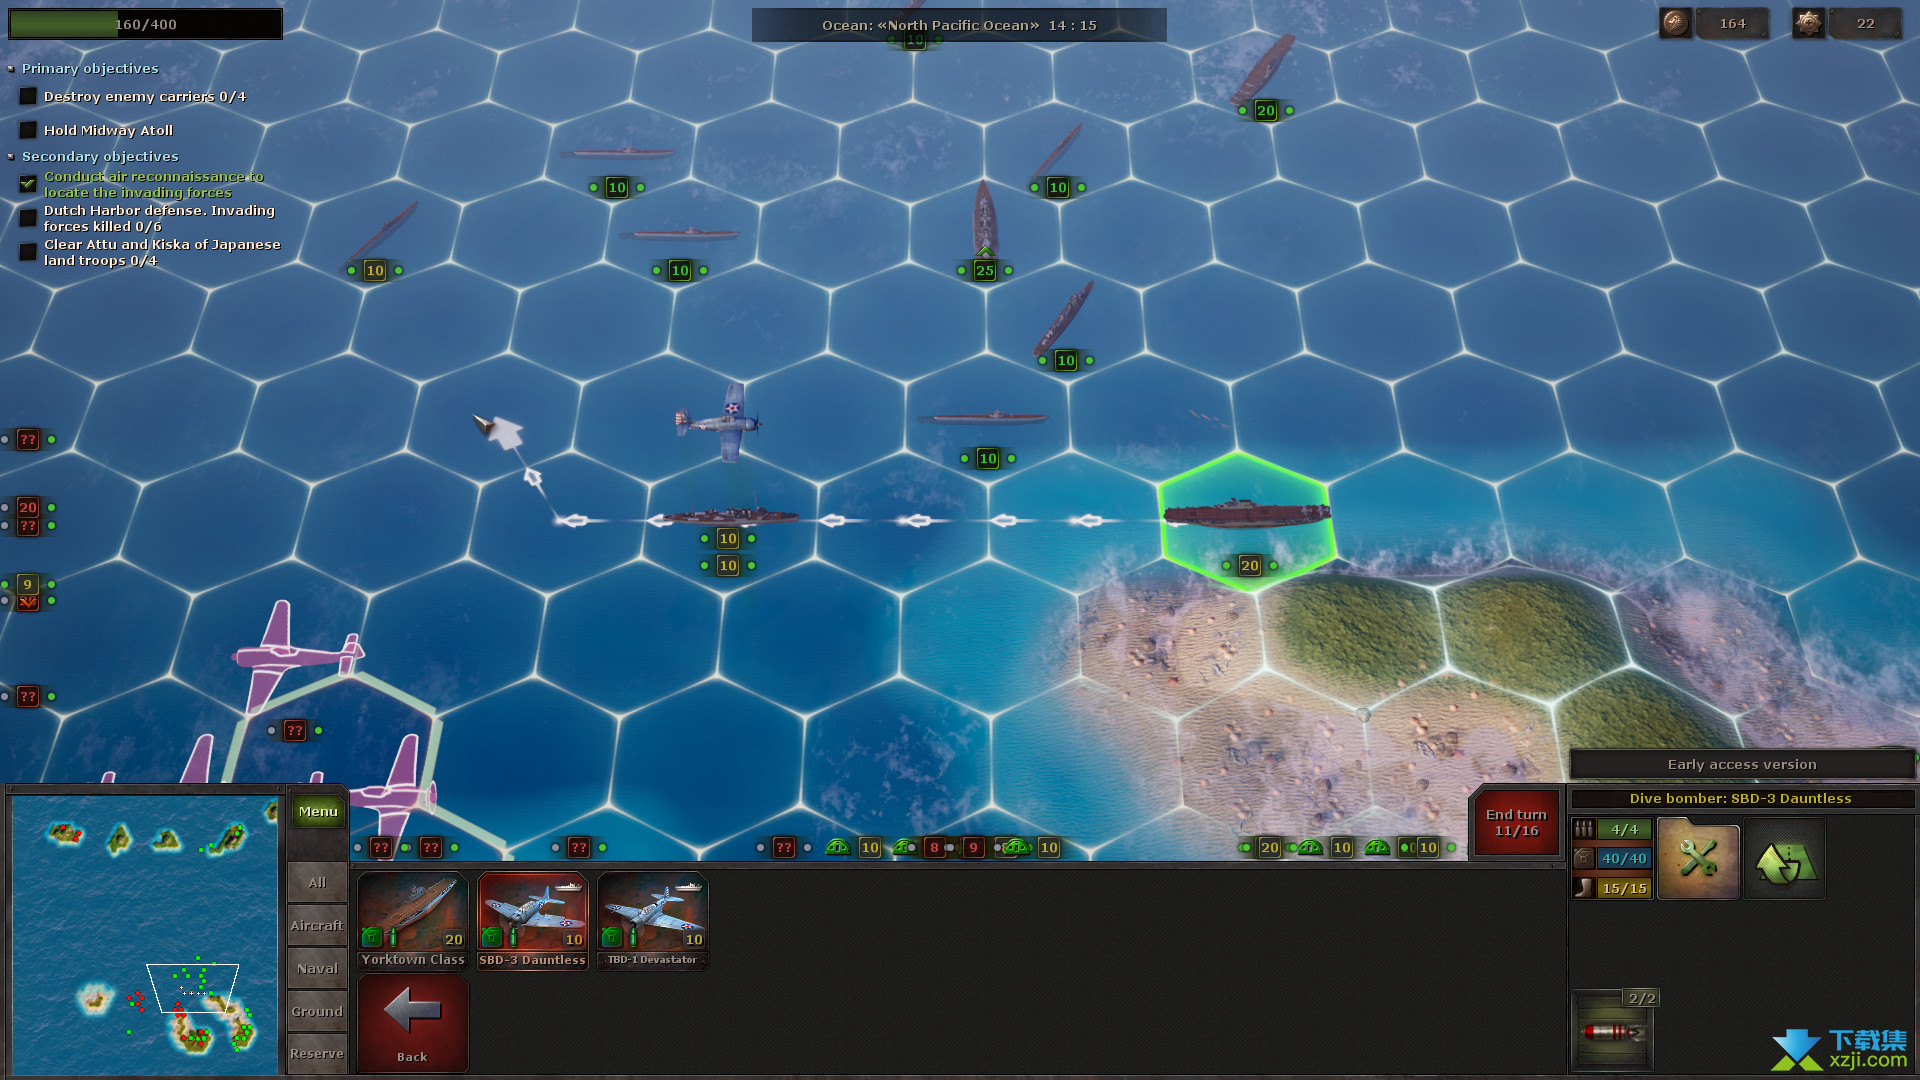 战略思维太平洋界面2